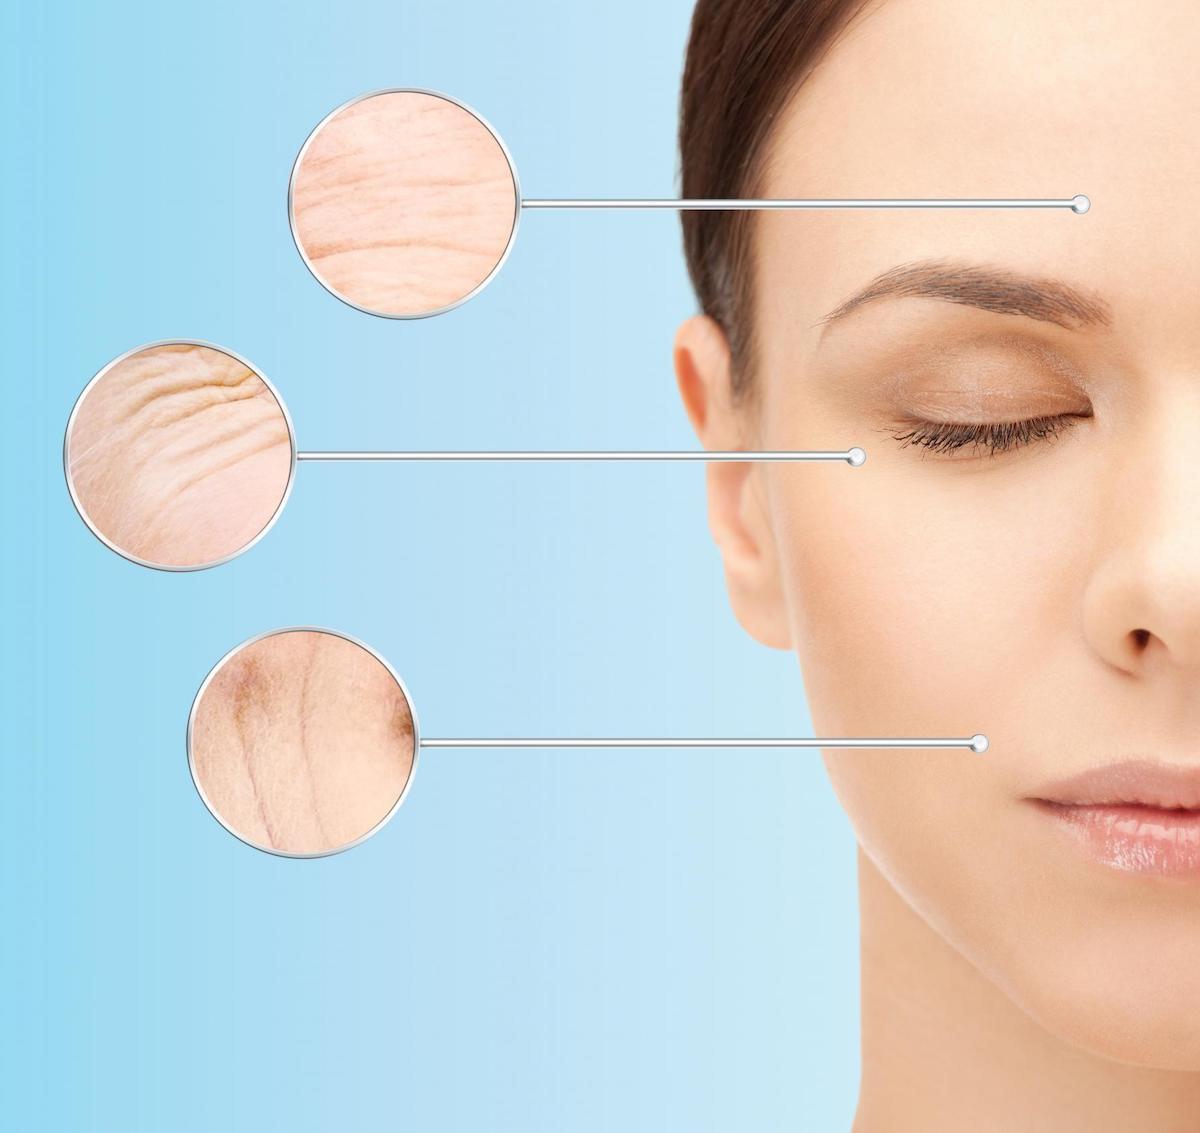 Xu hướng chăm sóc da của phụ nữ Nhật Bản 2020 - Ảnh 4.